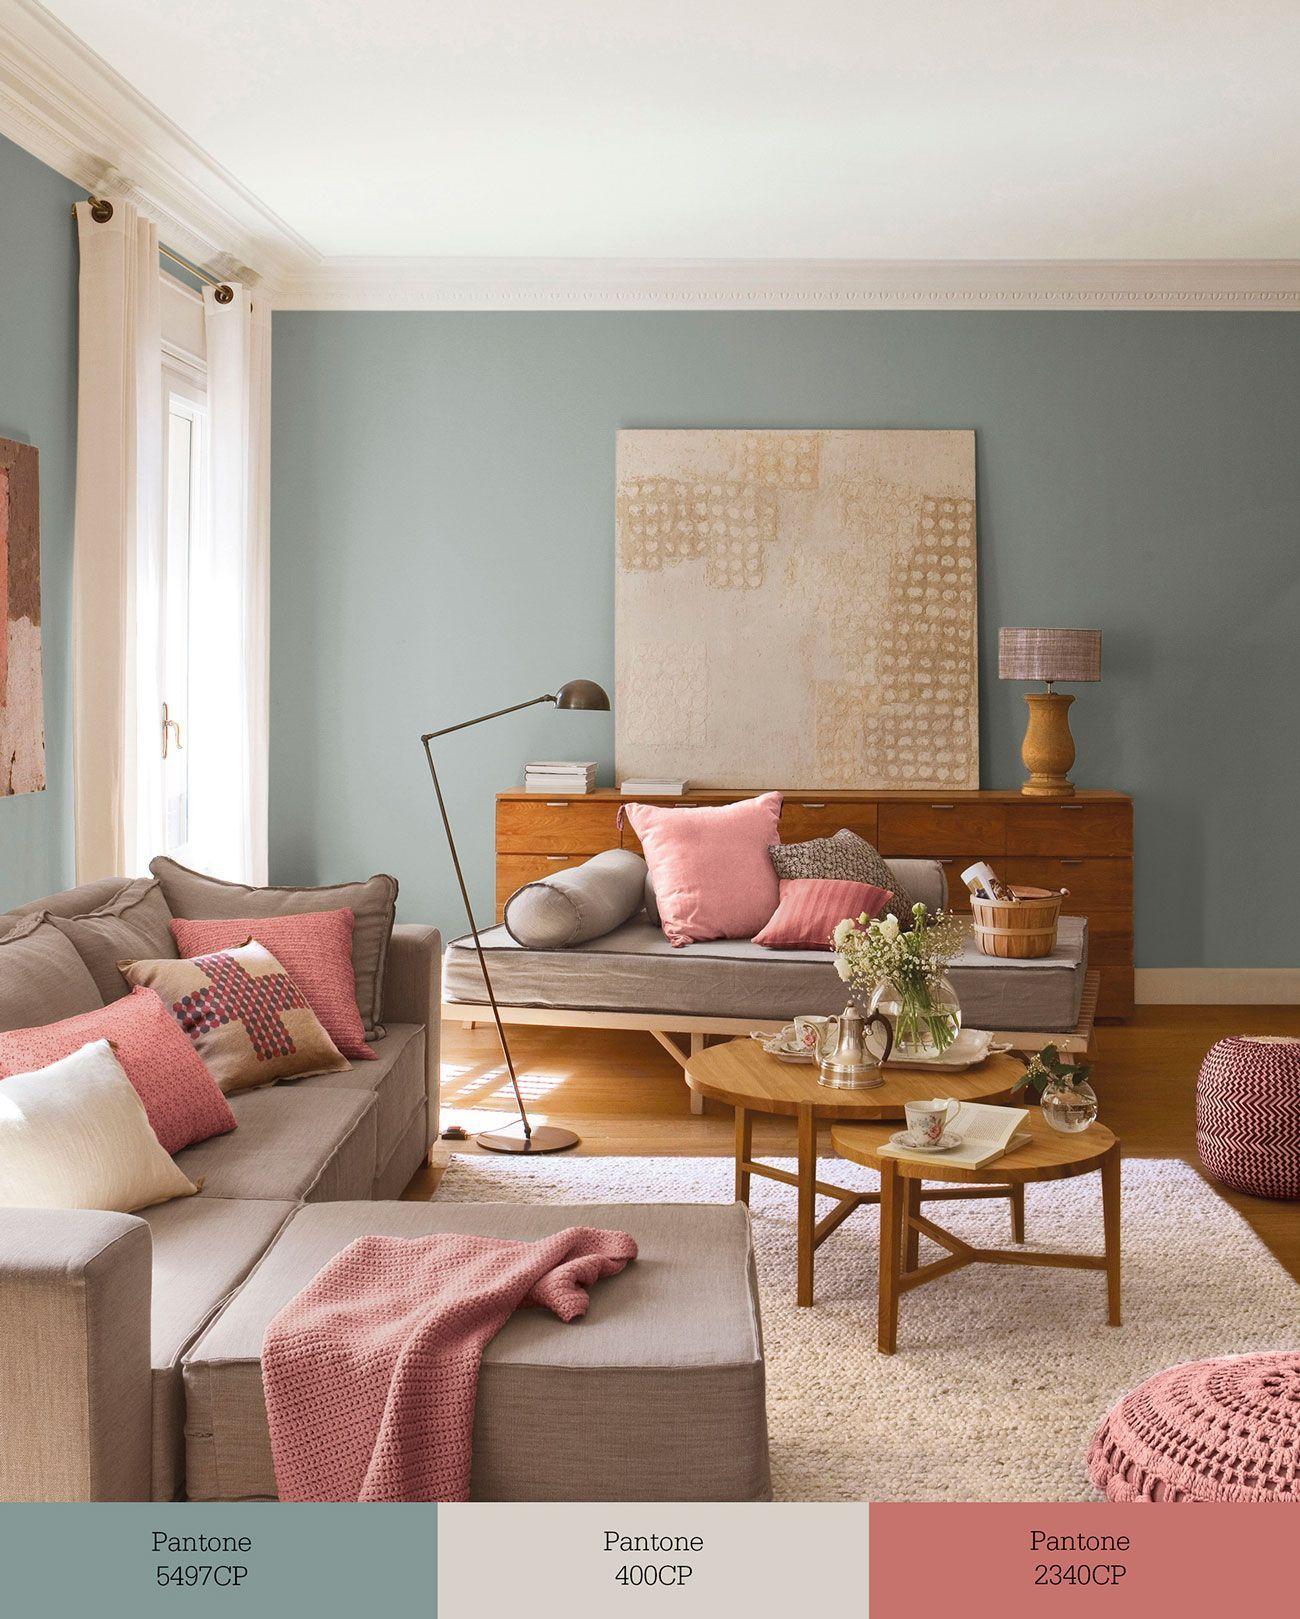 Trios De Colores Que Transforman Tu Salon Decoracion De Interiores Decoracion Hogar Colores De Pintura De Interior